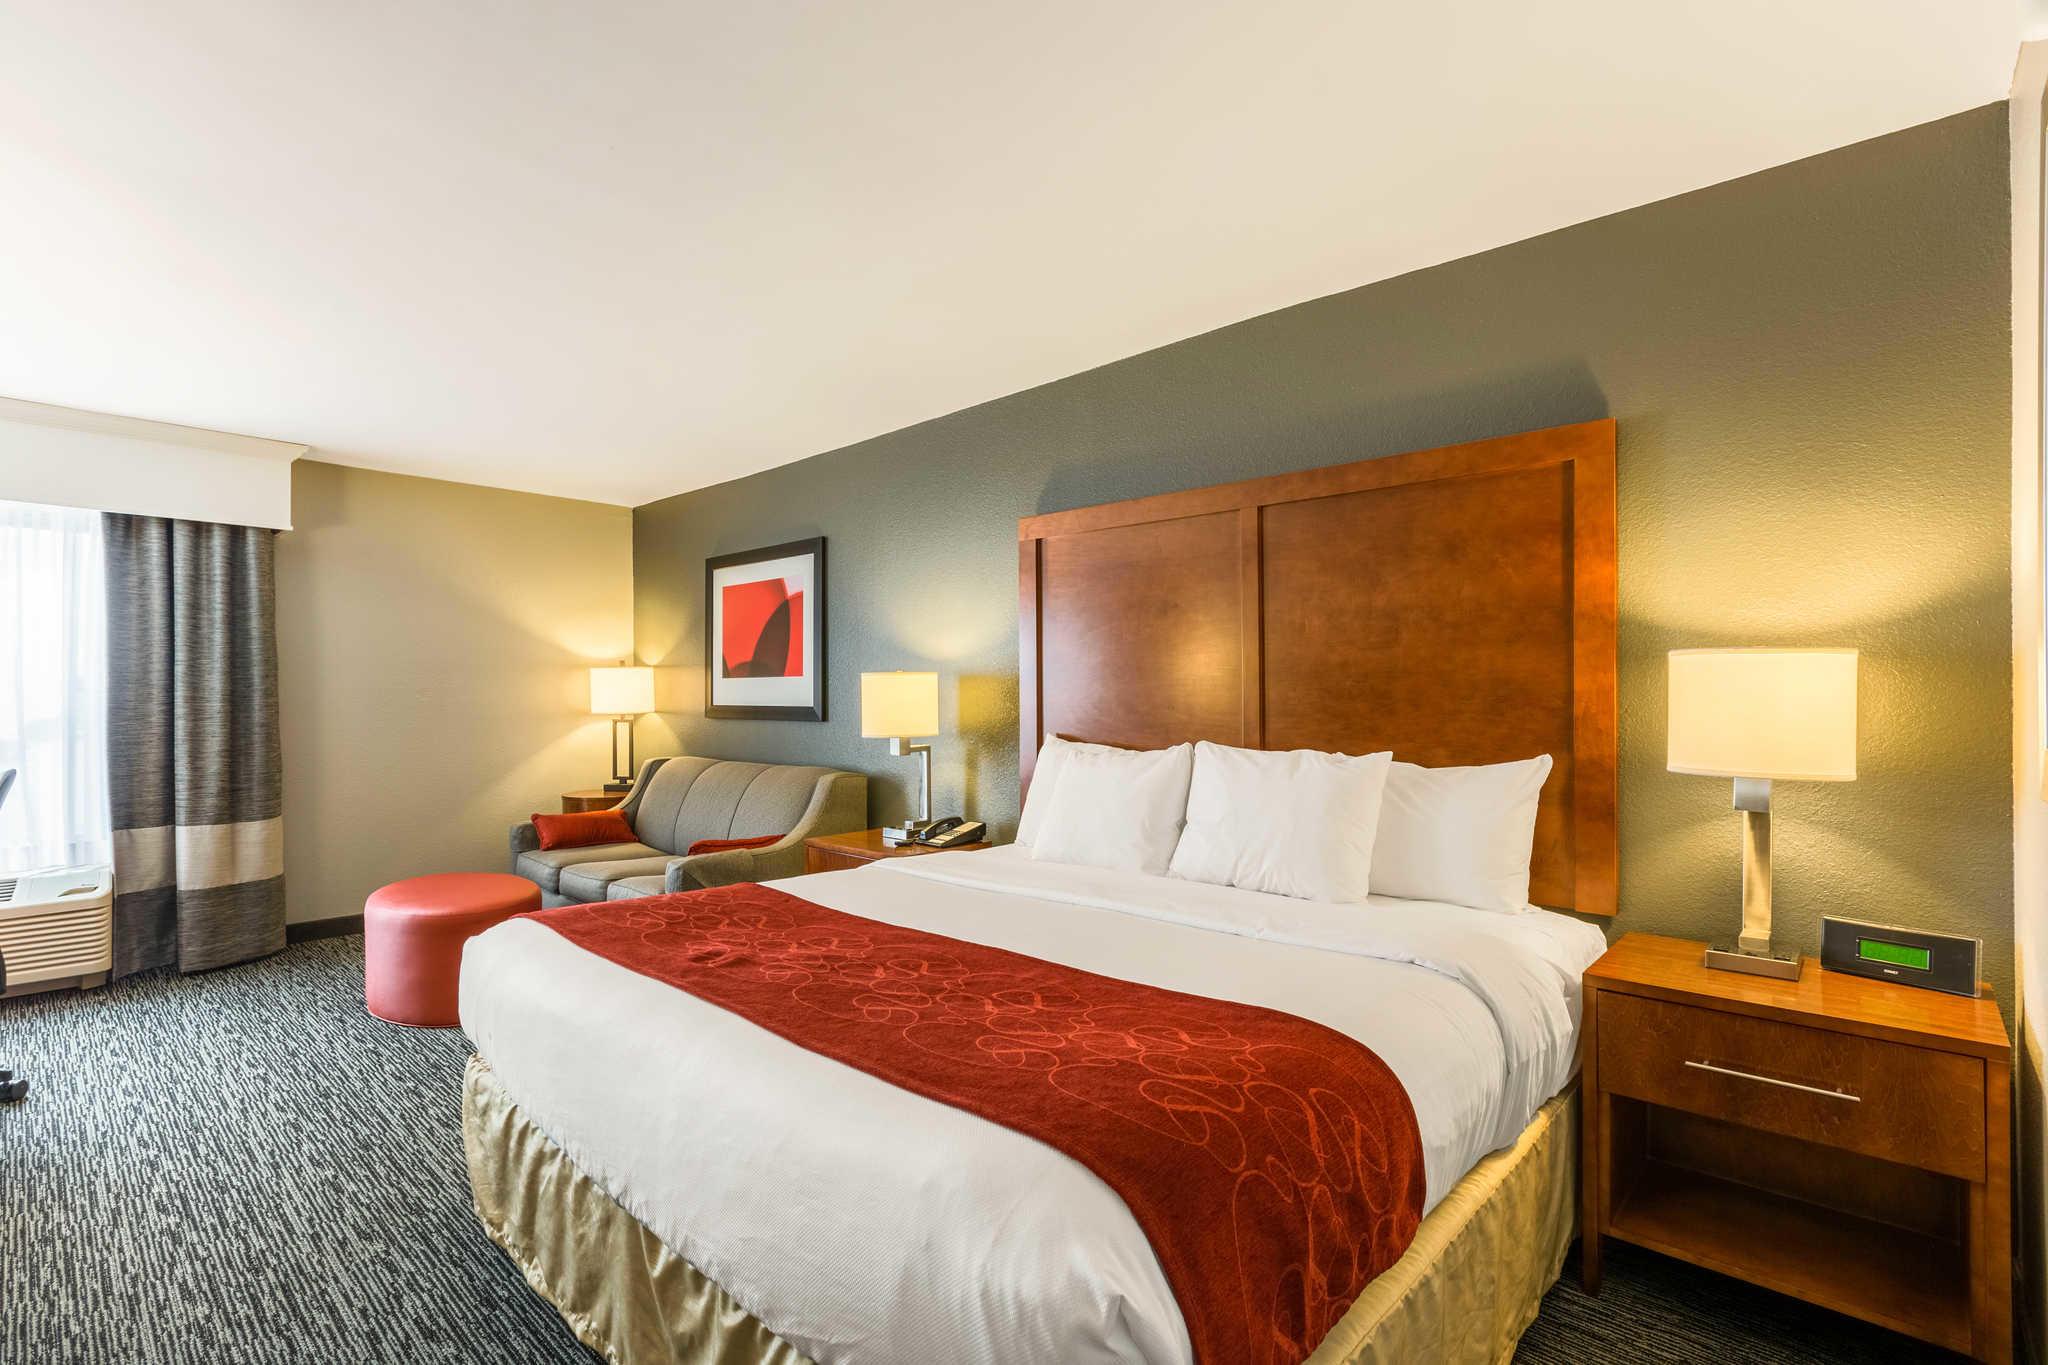 Comfort Inn image 15